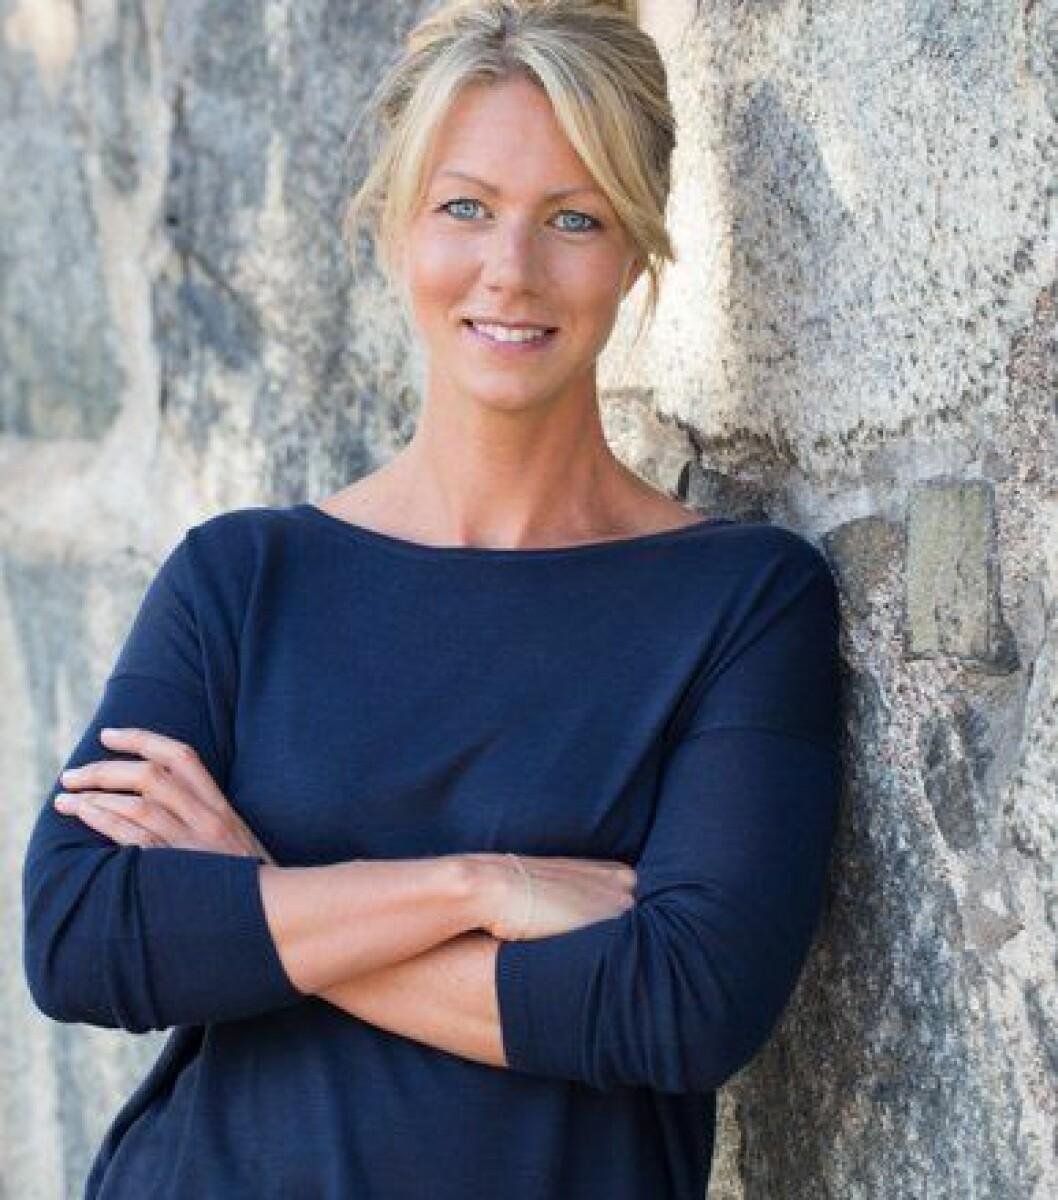 Kristina Andersson, näringsfysiolog som har skrivit en bok om hur man ska äta för att hjärnan ska må bra.